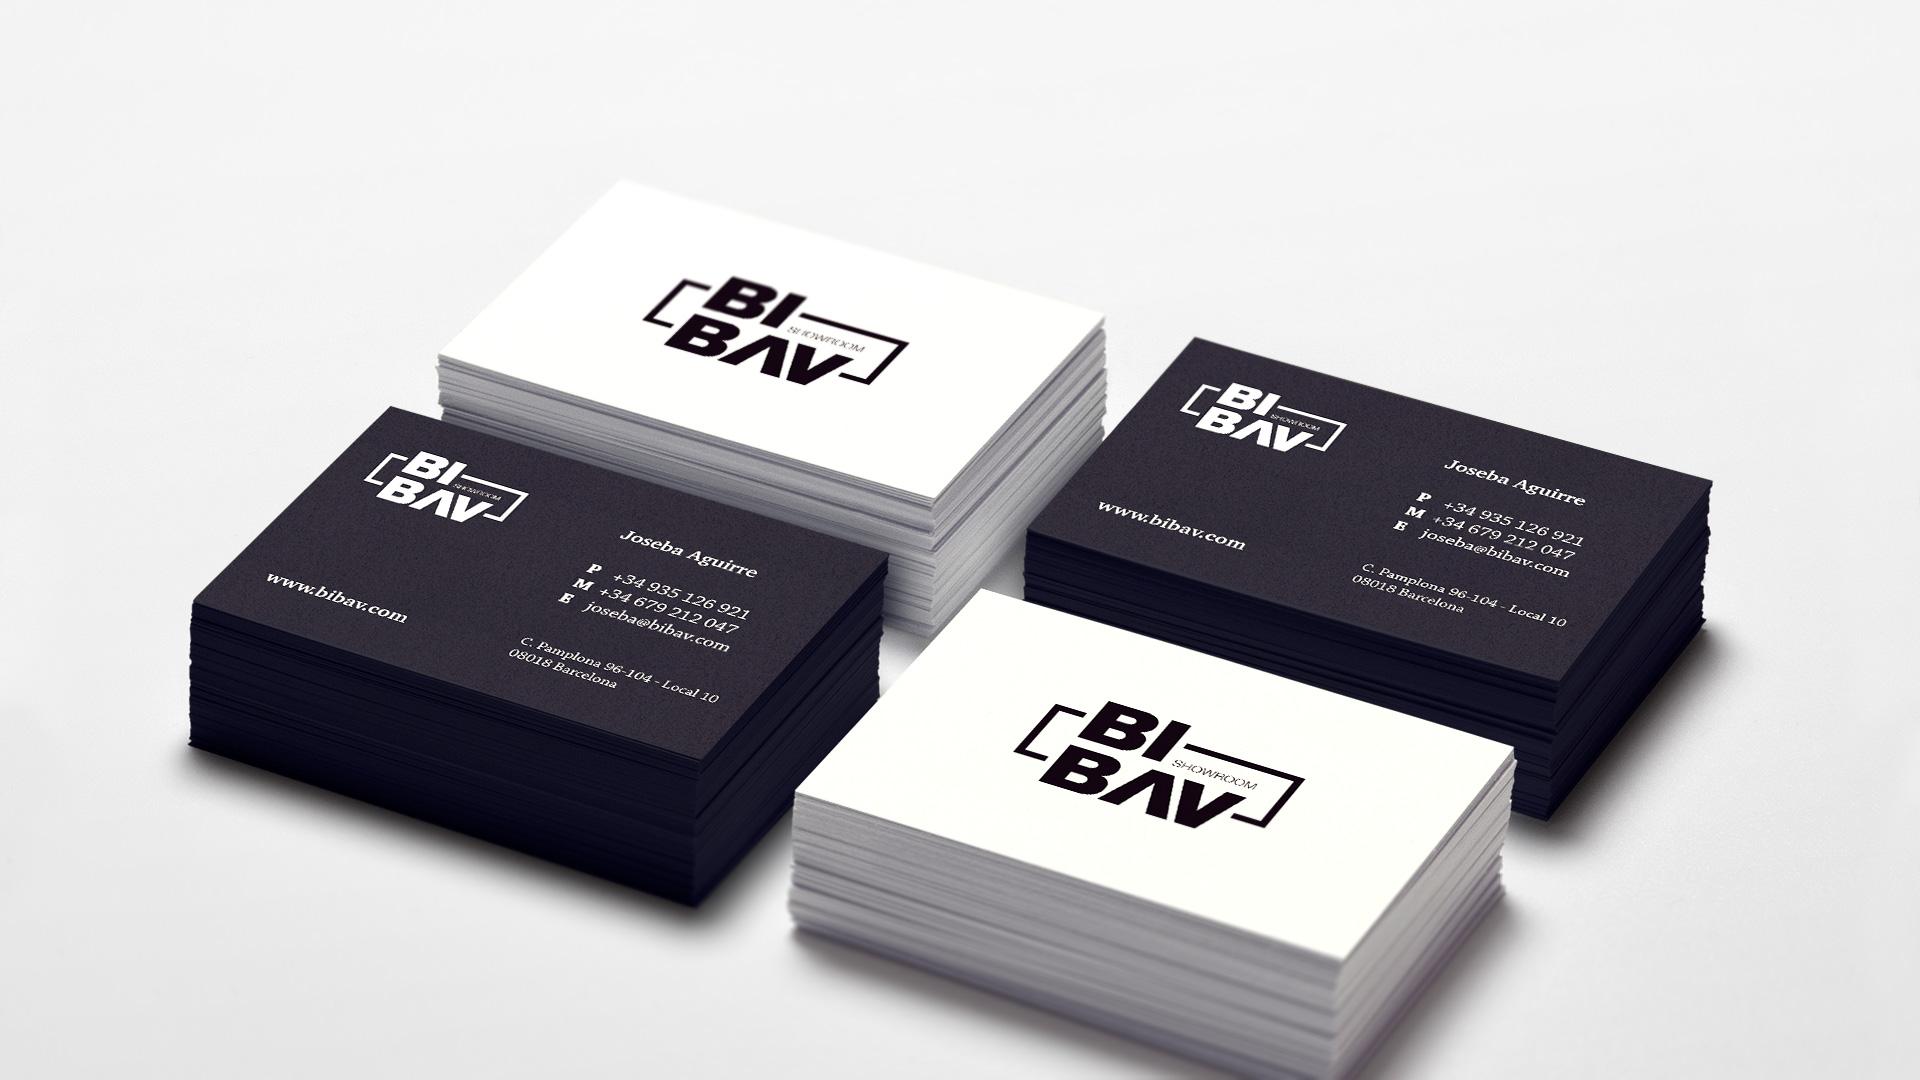 3a_design_graphic_identity_corporate